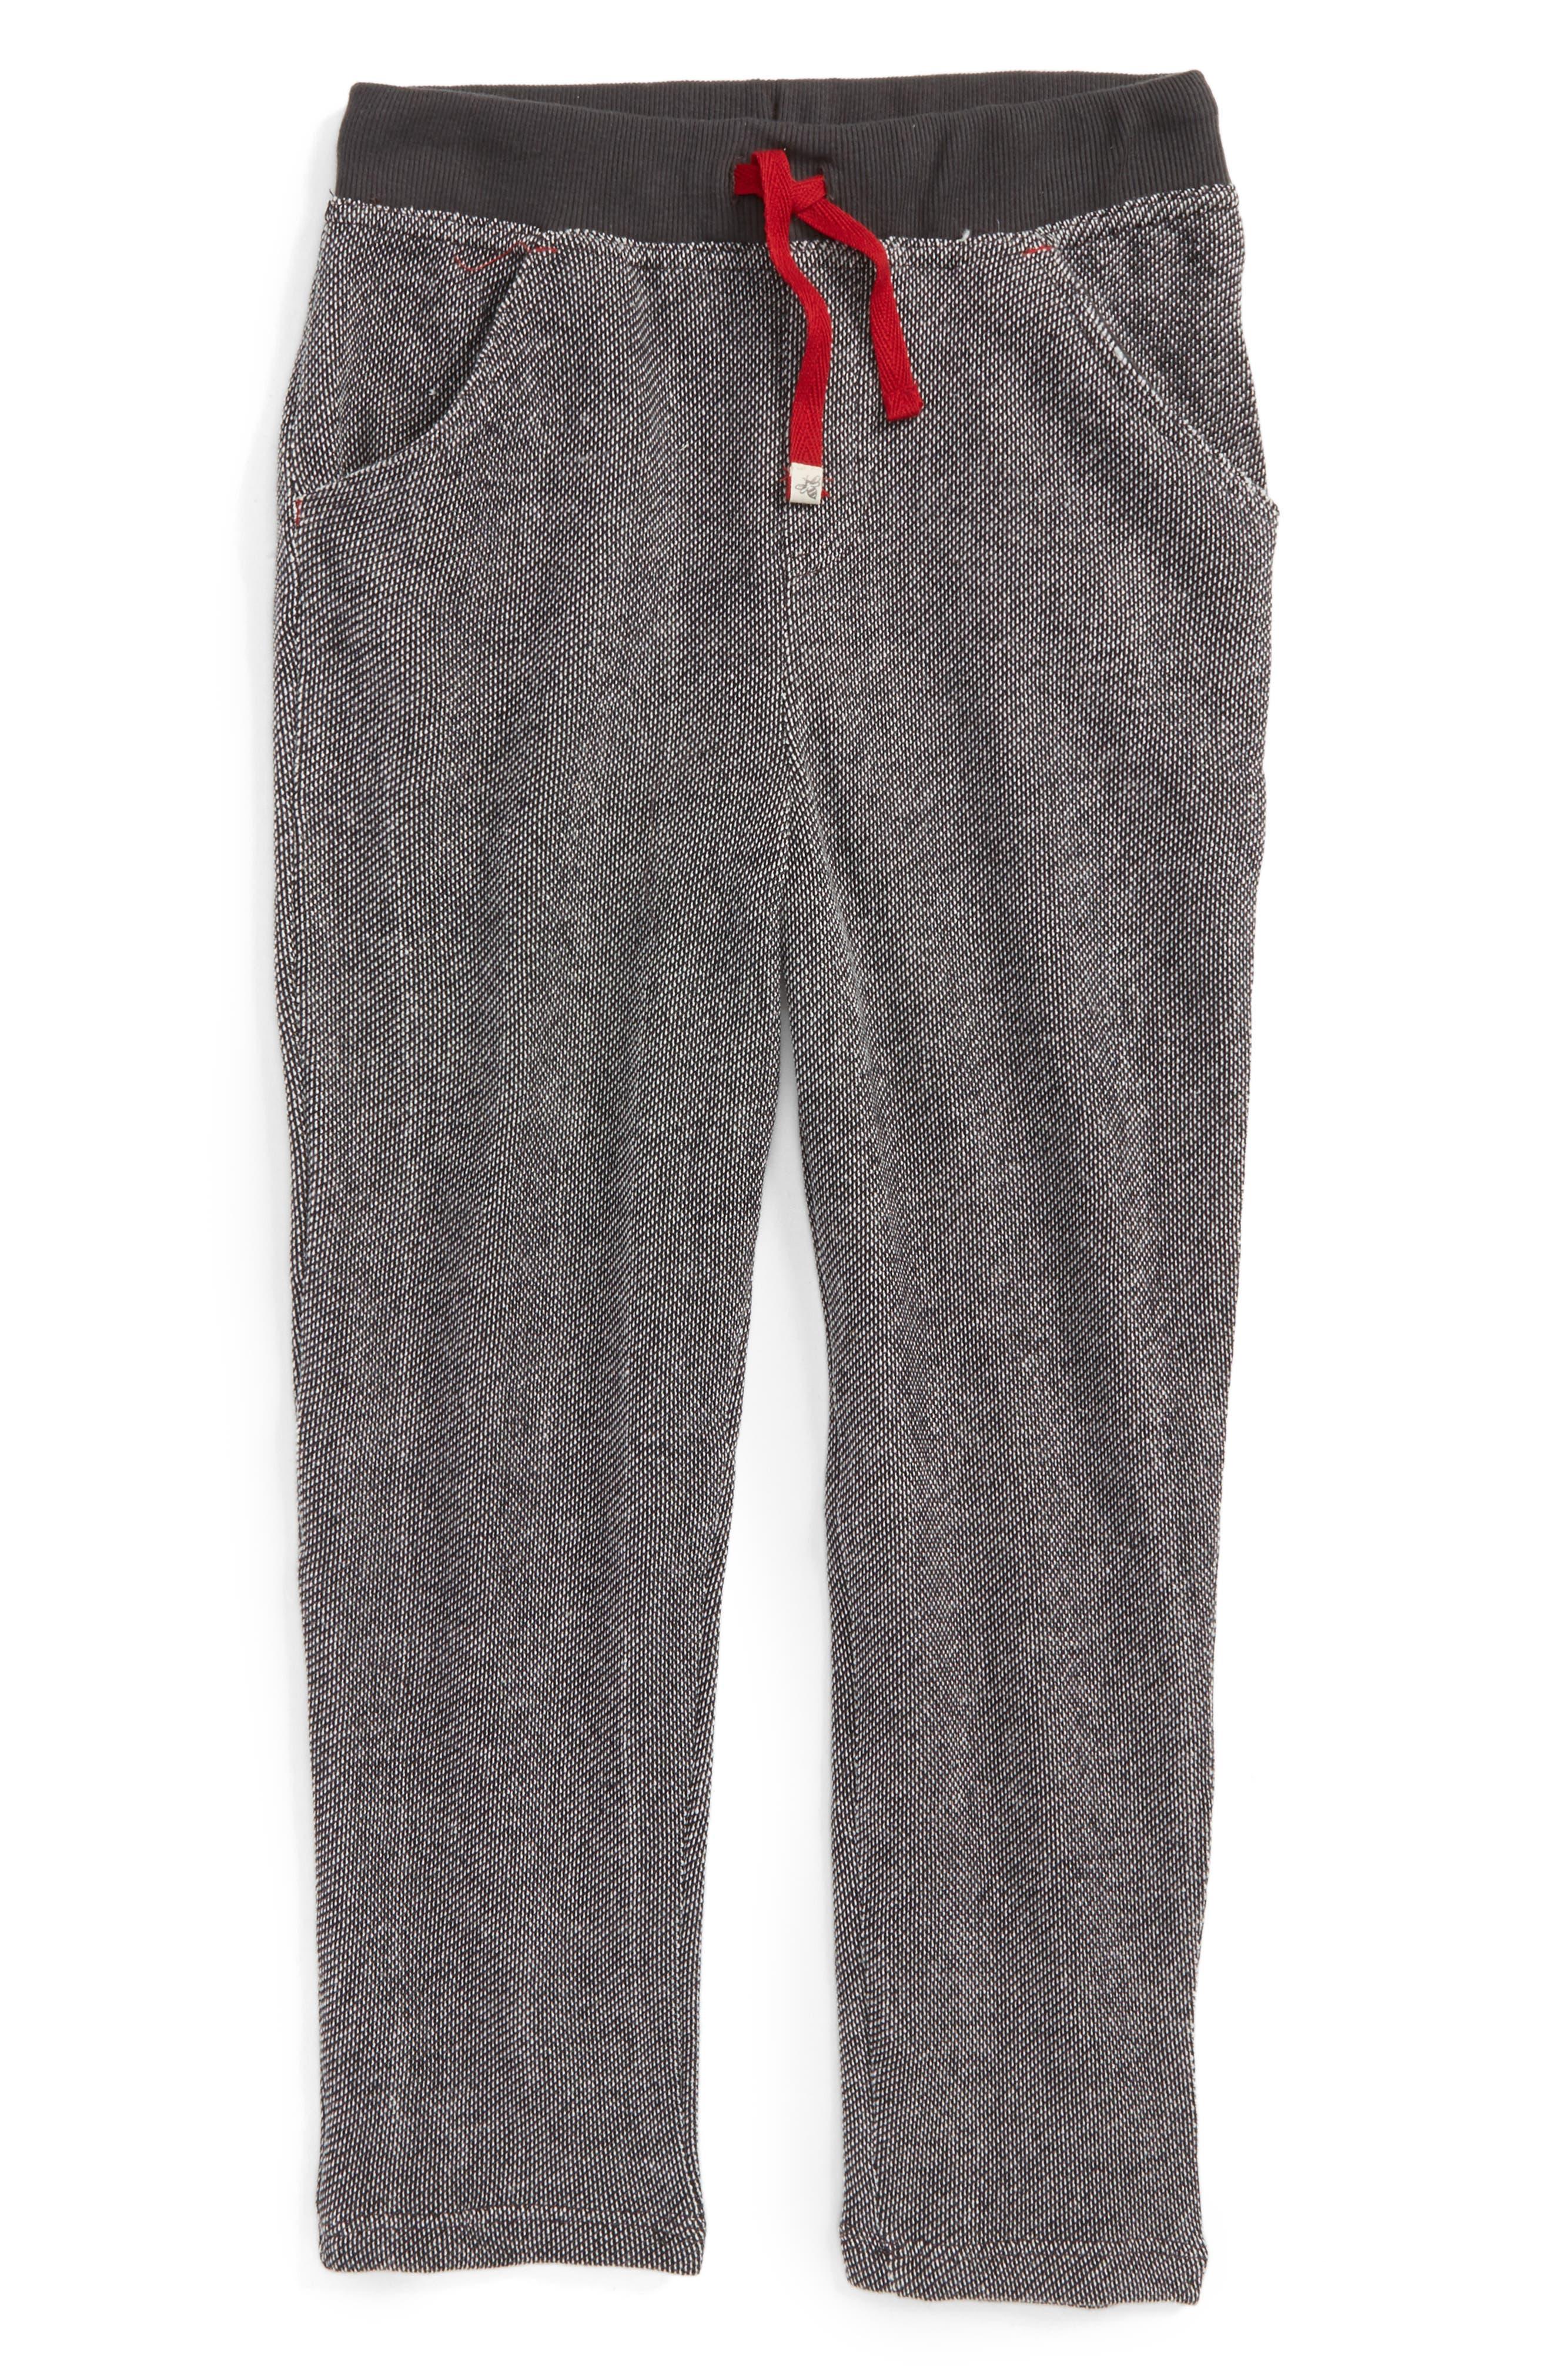 Piqué Organic Cotton Pants,                             Main thumbnail 1, color,                             001